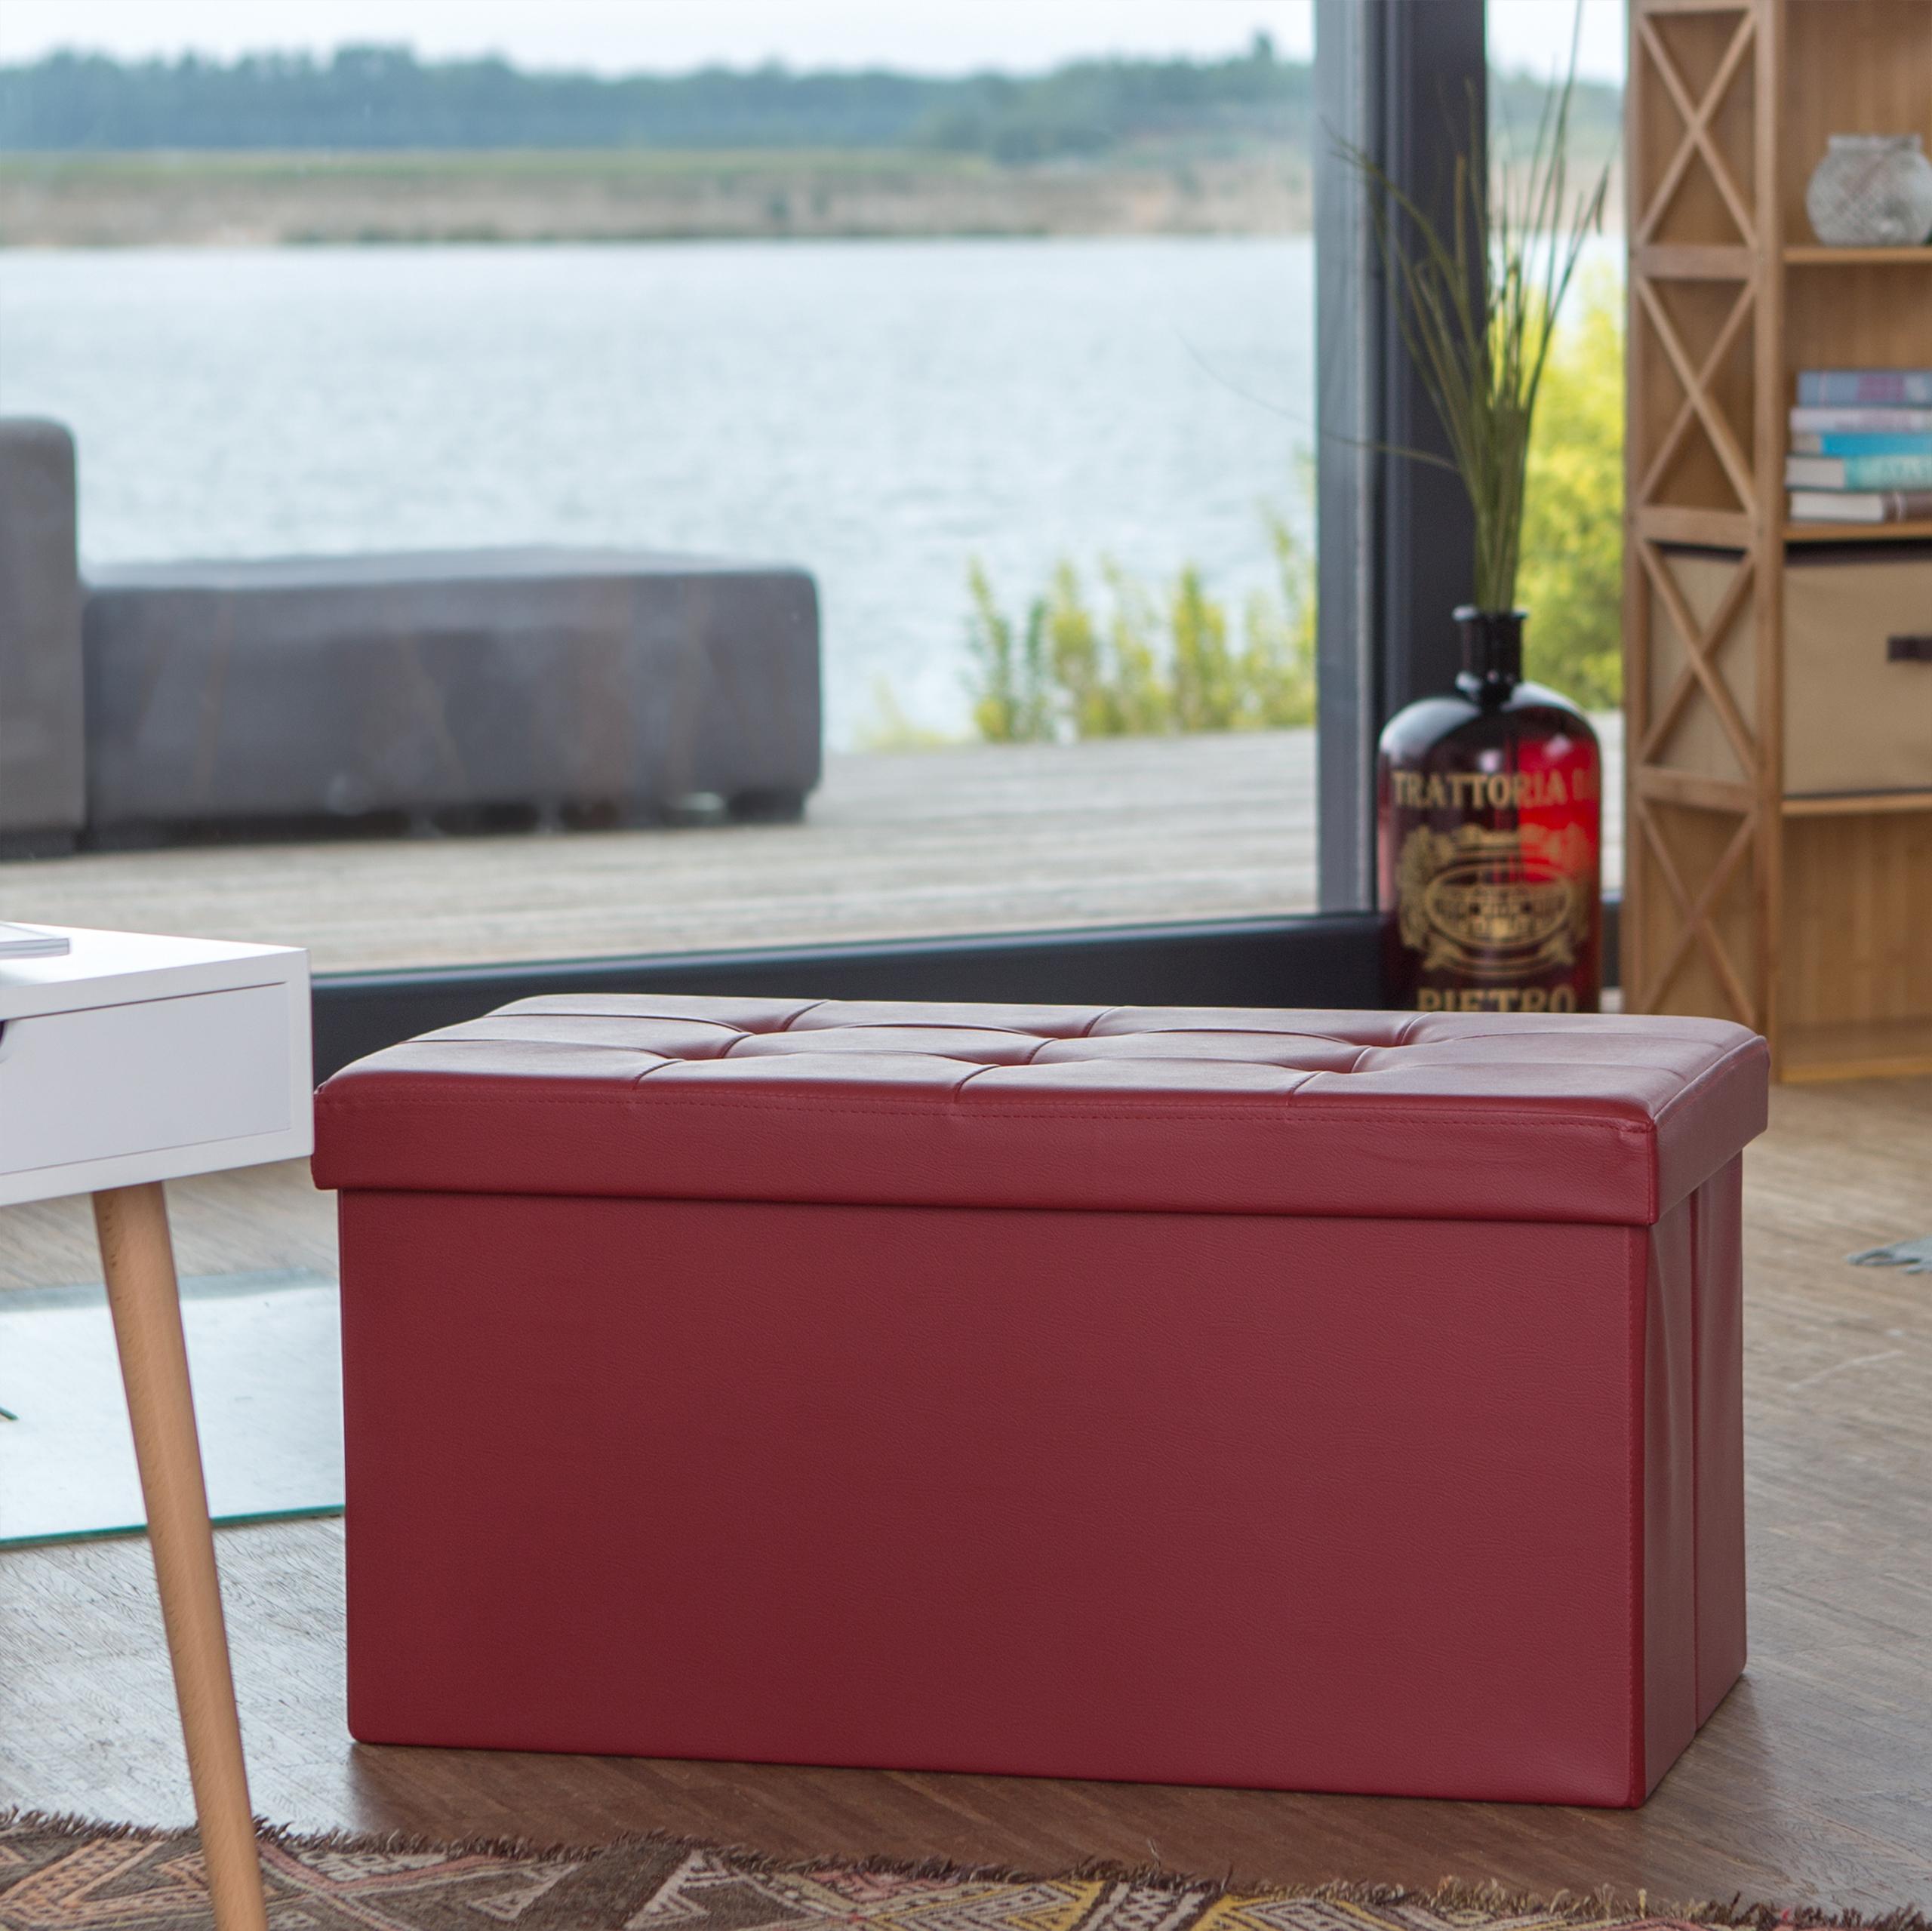 magnetisch Whiteboard Kamashi Dream trocken abwischbar Gold MDF-Rahmen 45x60cm Bi-Office